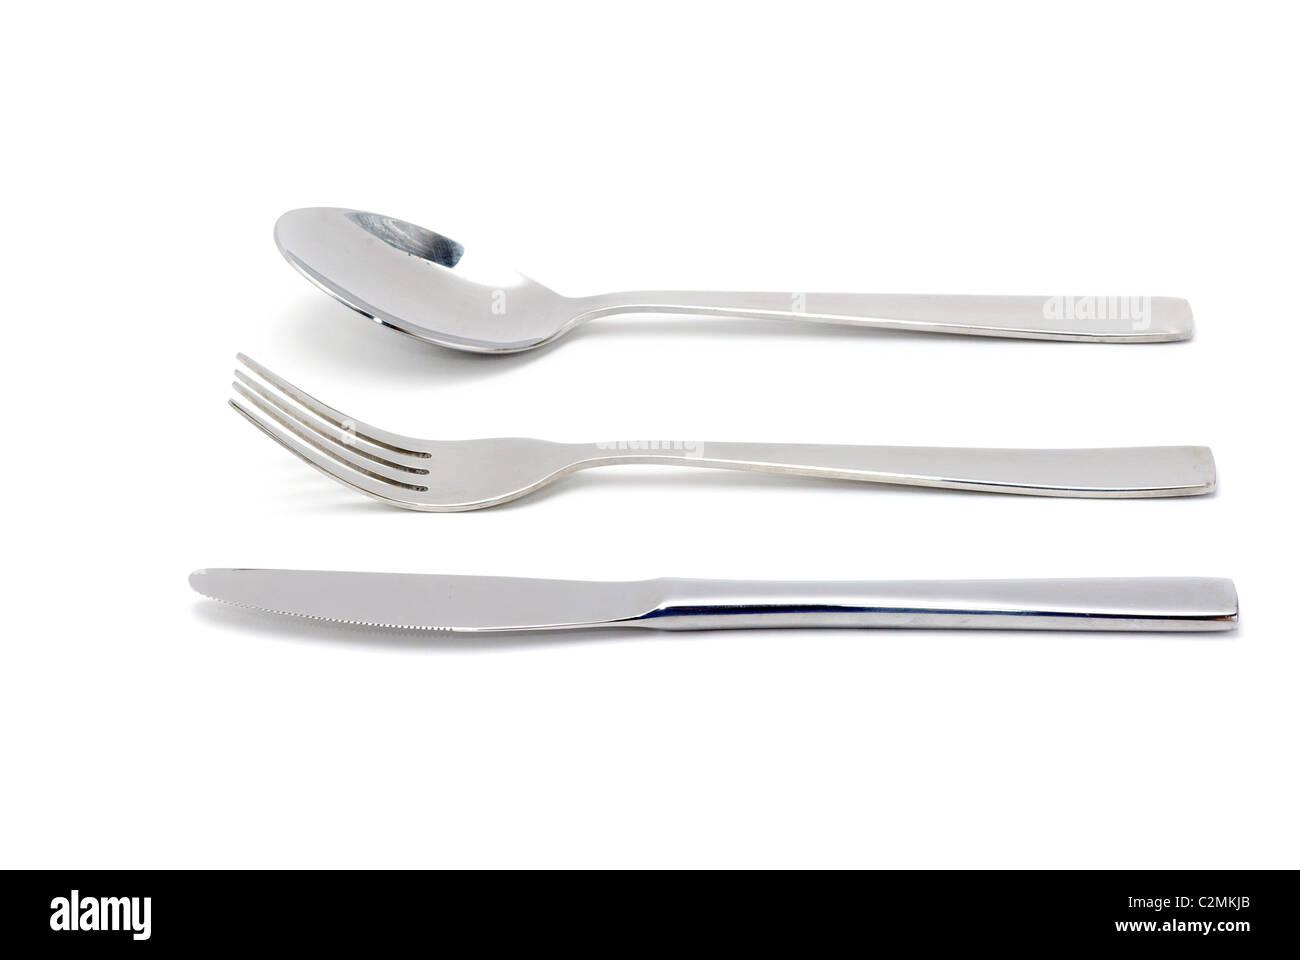 Cuillère, fourchette et couteau isolé sur fond blanc Photo Stock